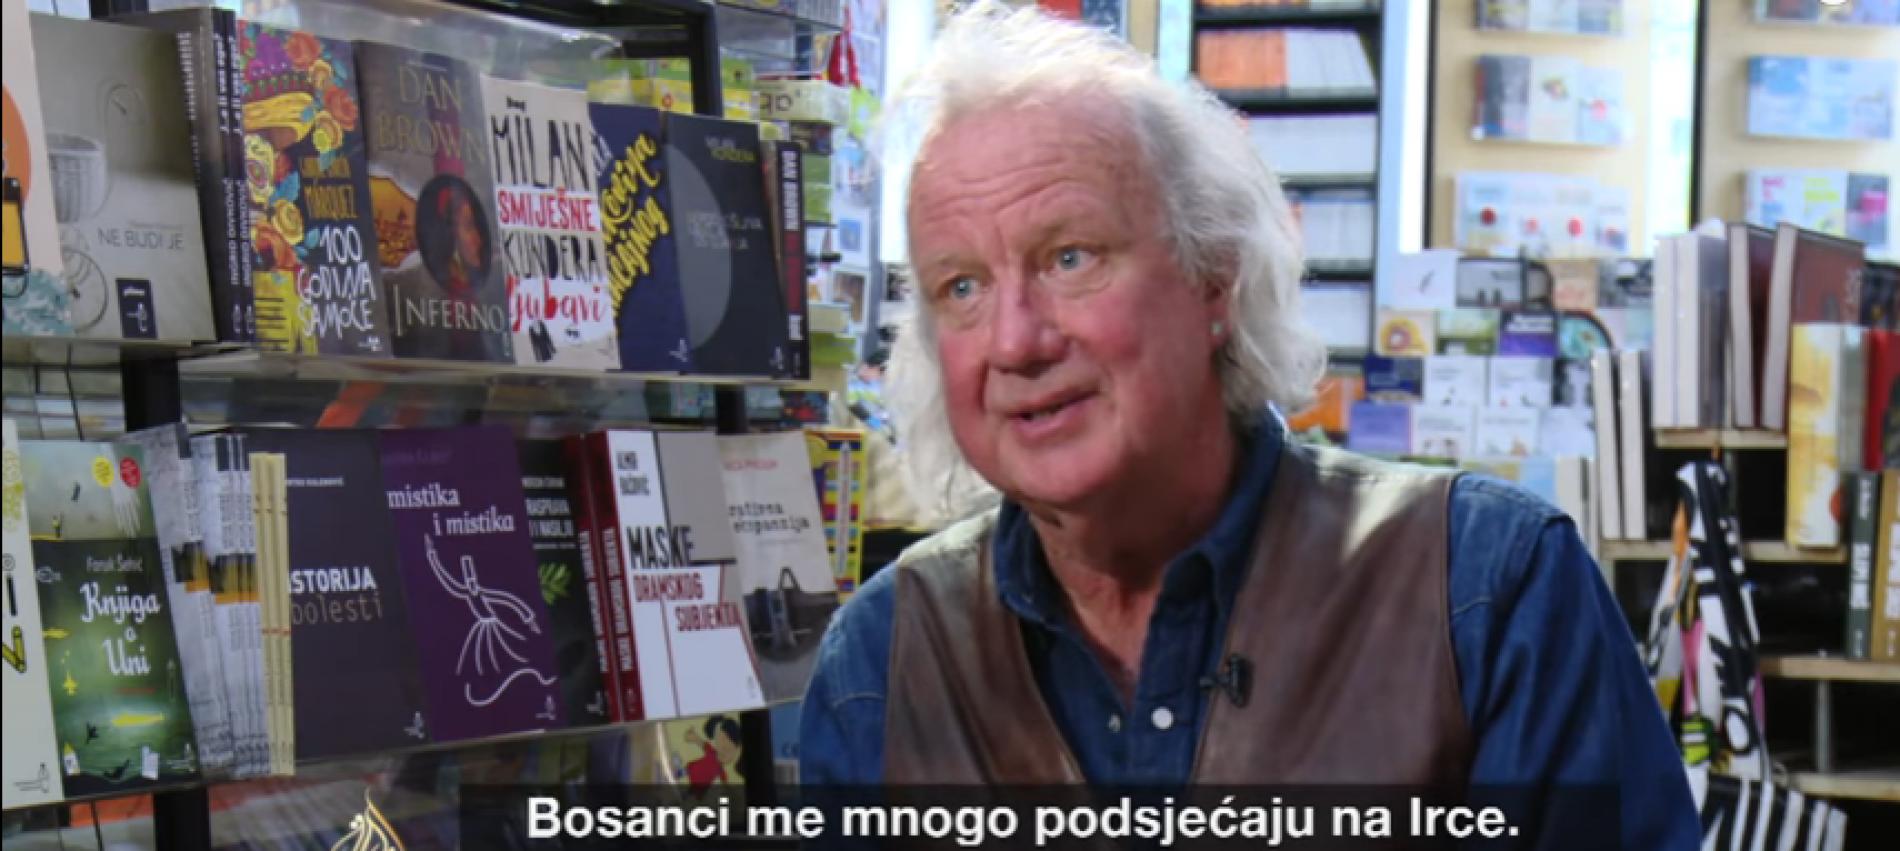 Ed Vulliamy o bosanskoj borbi protiv agresije i genocida: Možemo reći da je to bio drugi partizanski otpor na ovim prostorima